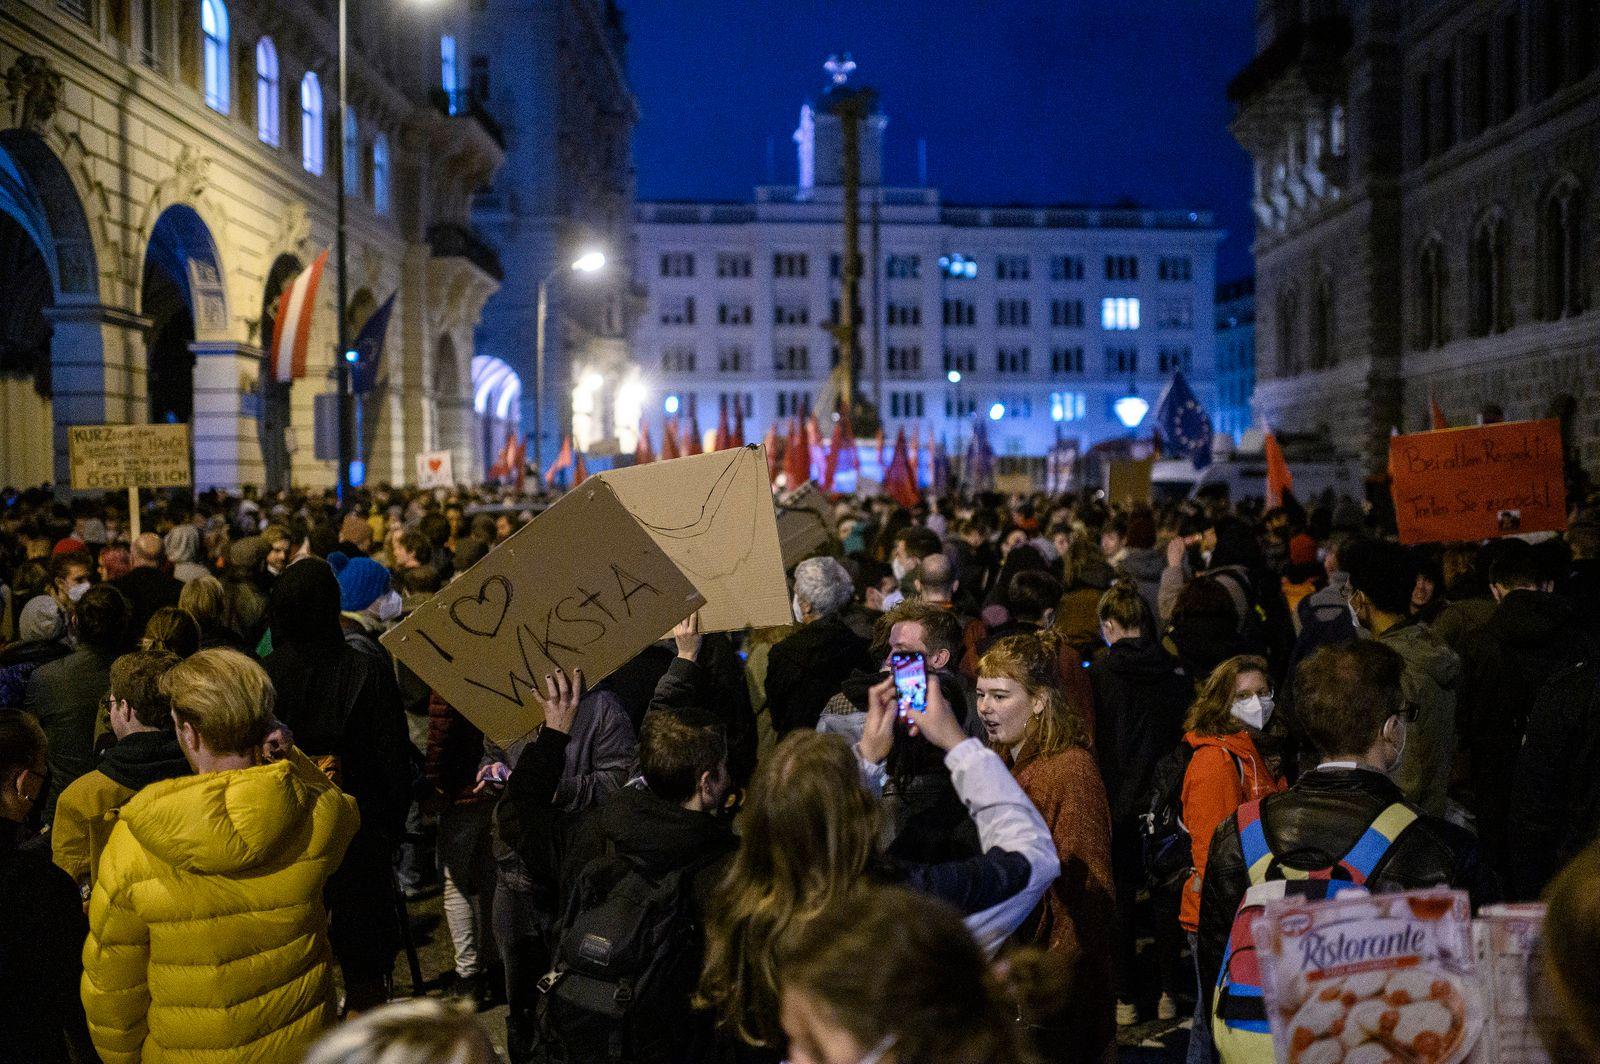 Demonstration against Austrian Chancellor Kurz in Vienna